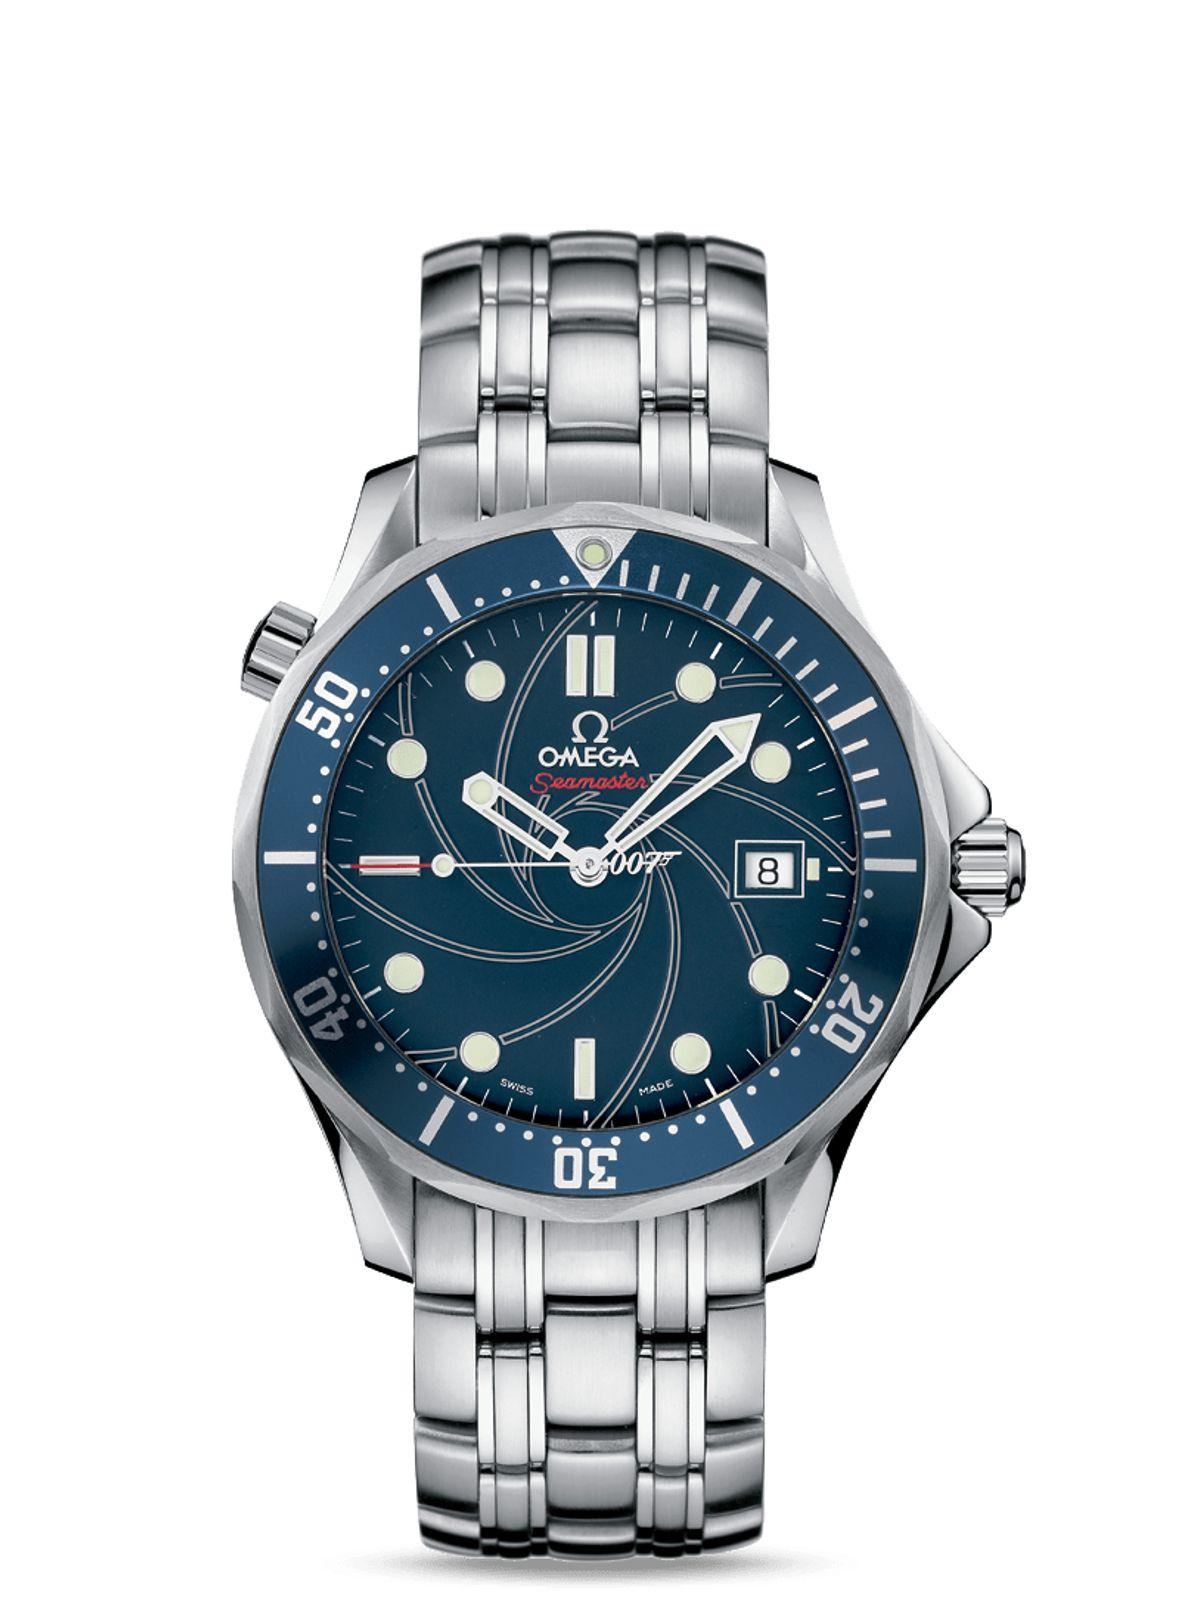 James Bond Omega Seamaster Diver 300M 007 Edition